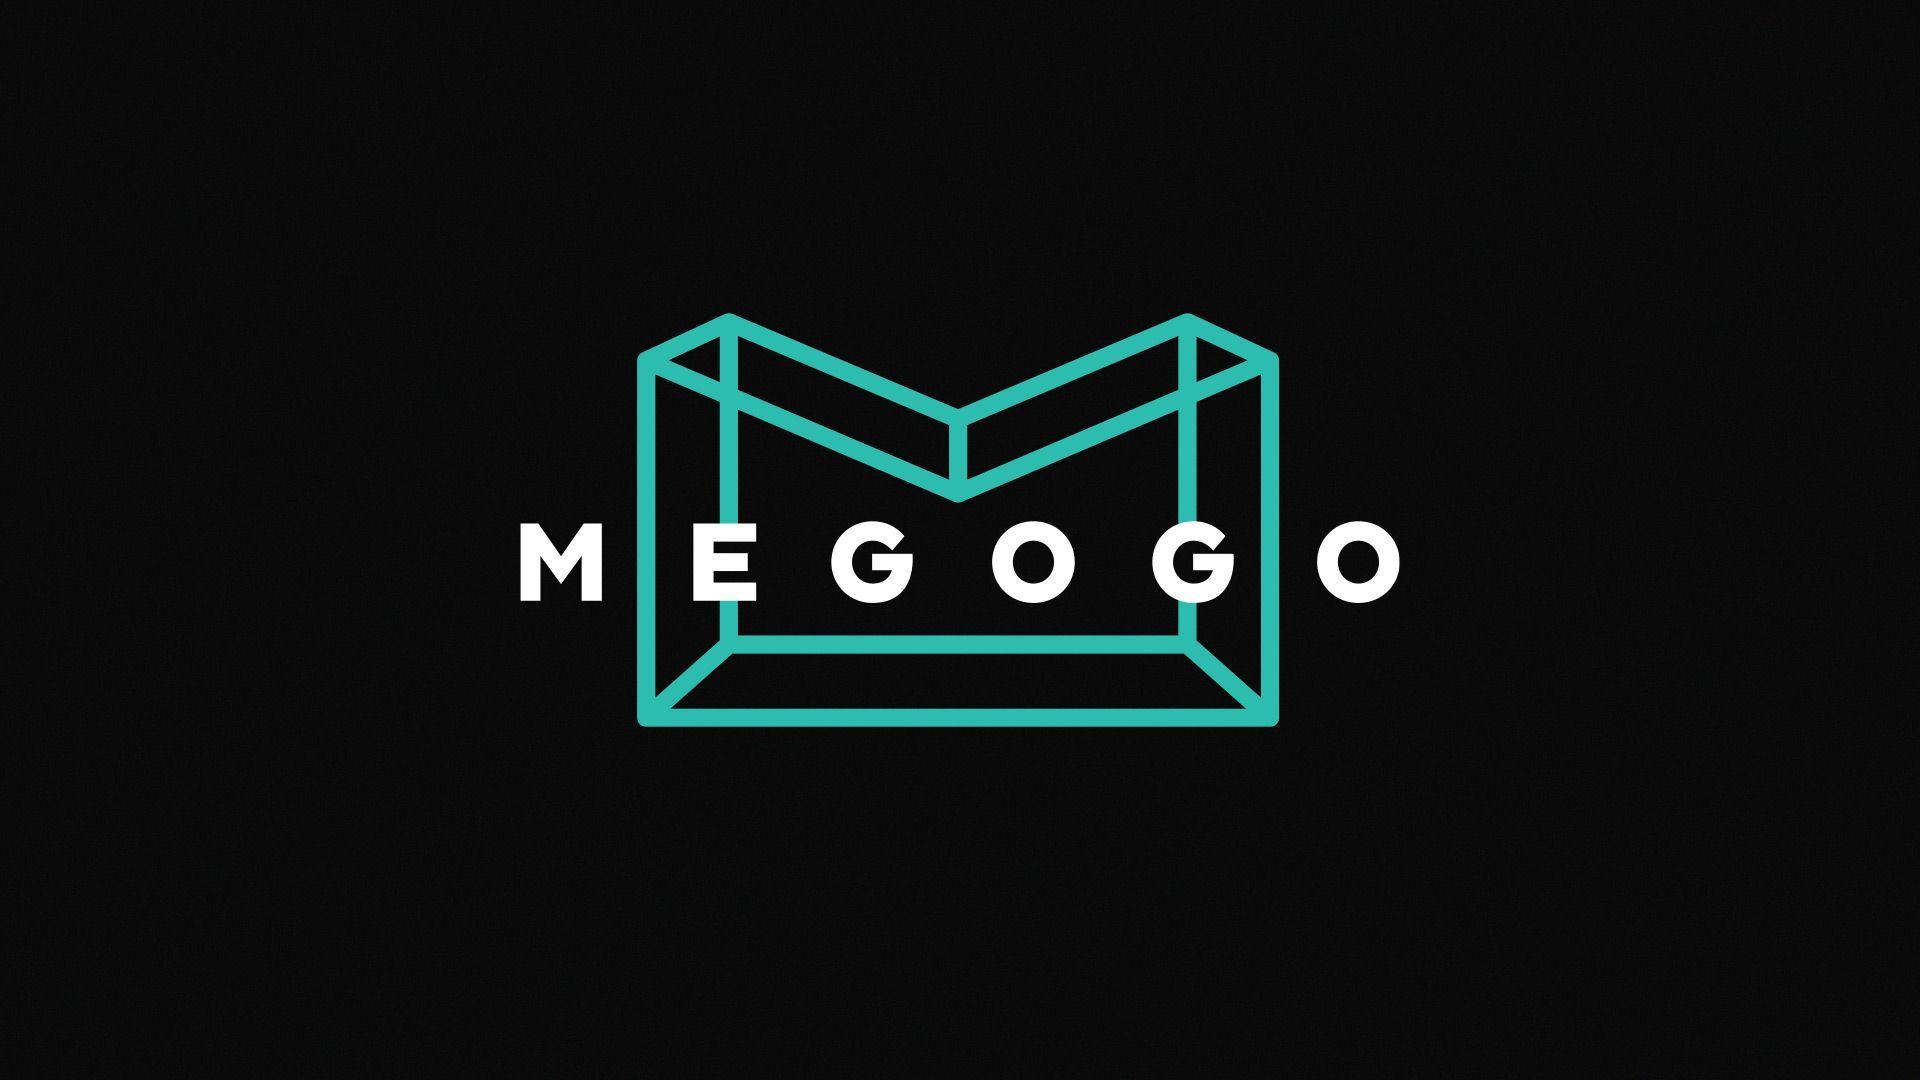 Верховний суд прийняв рішення на користь Megogo у справі щодо порушення авторських прав